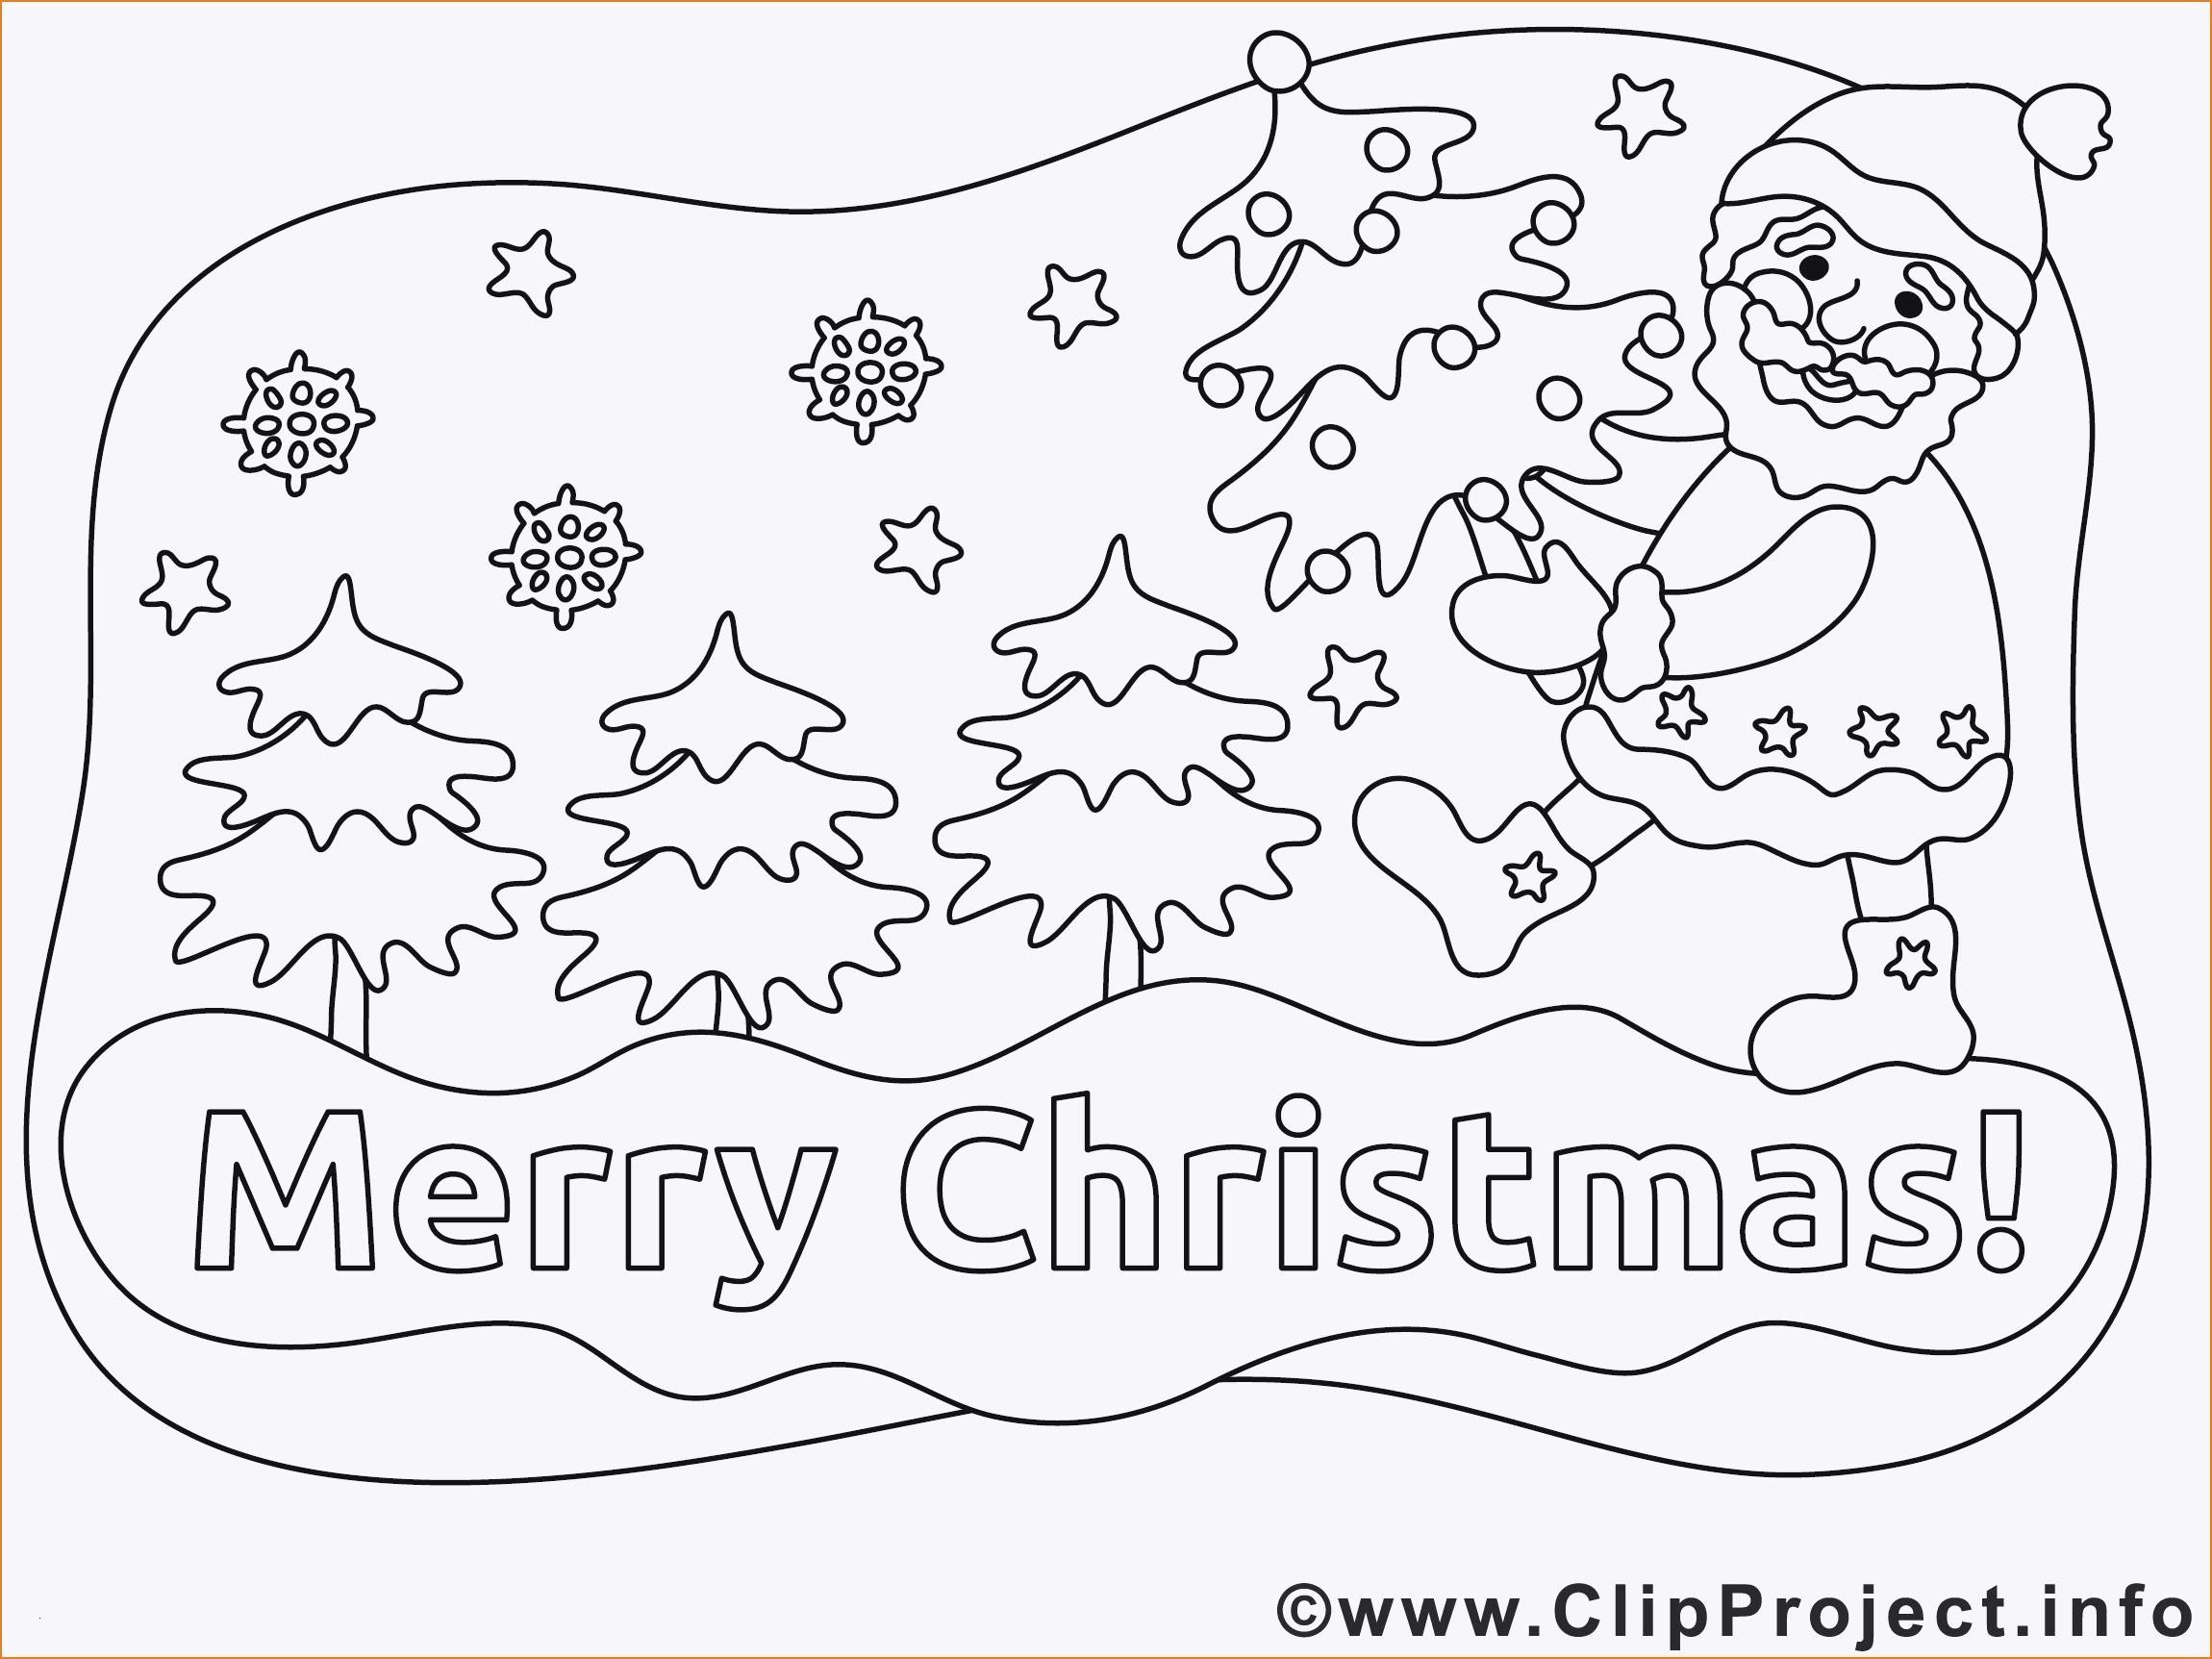 Ausmalbilder Weihnachten - Malvorlagen Für Kinder bestimmt für Gratis Ausmalbilder Weihnachten